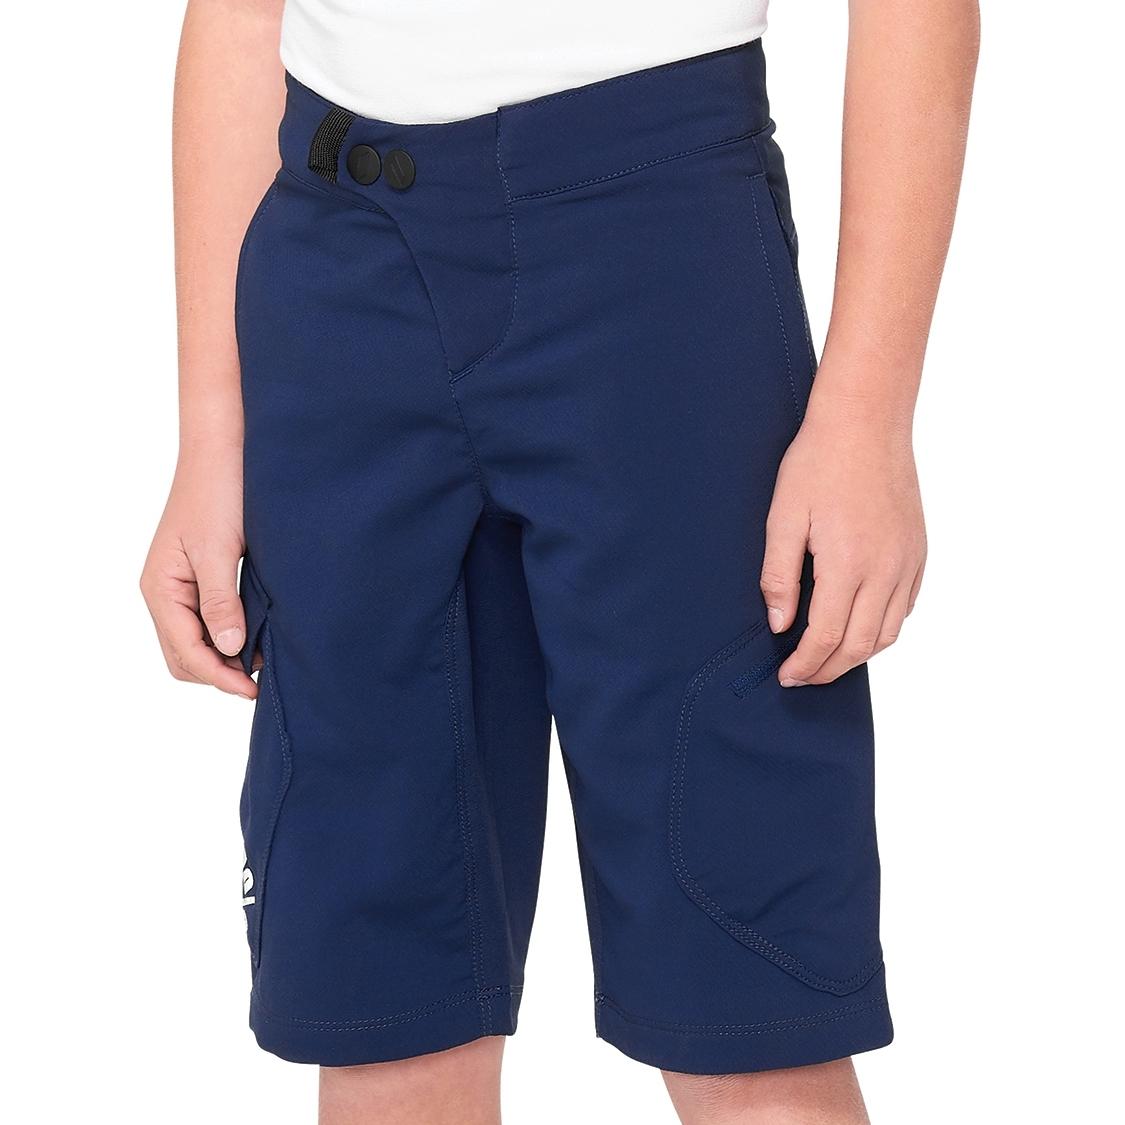 100% Ridecamp Youth Pantalones - navy